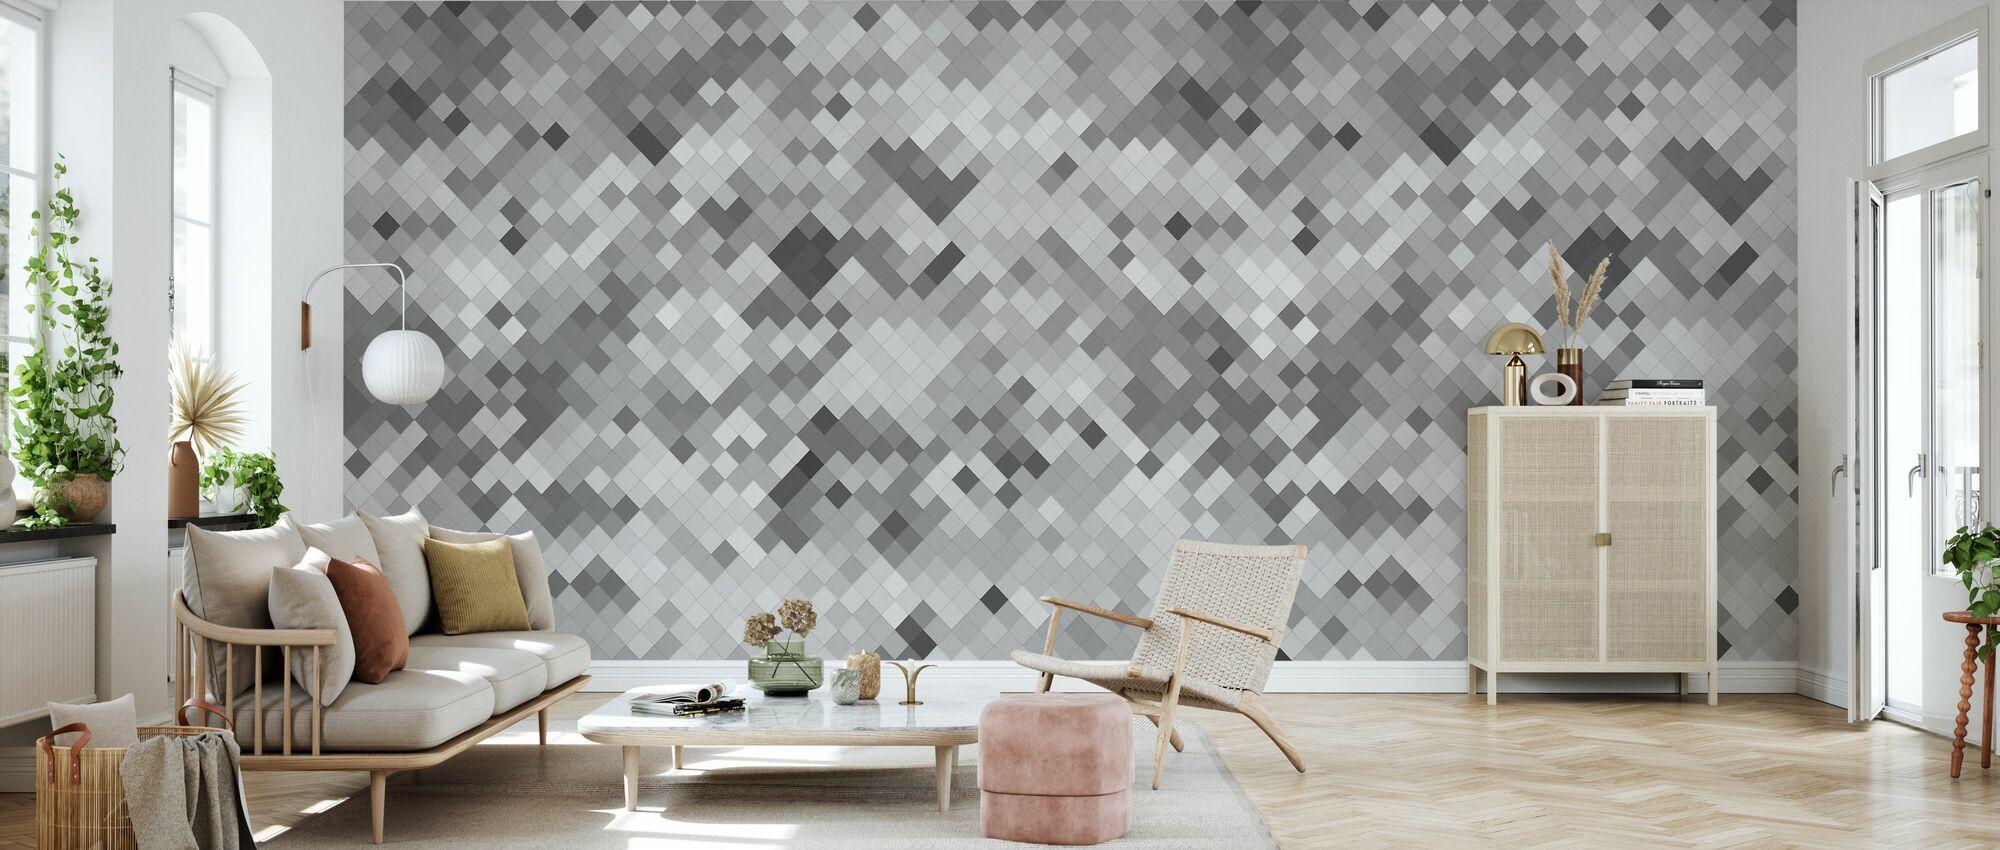 Fliese Grau - Tapete - Wohnzimmer